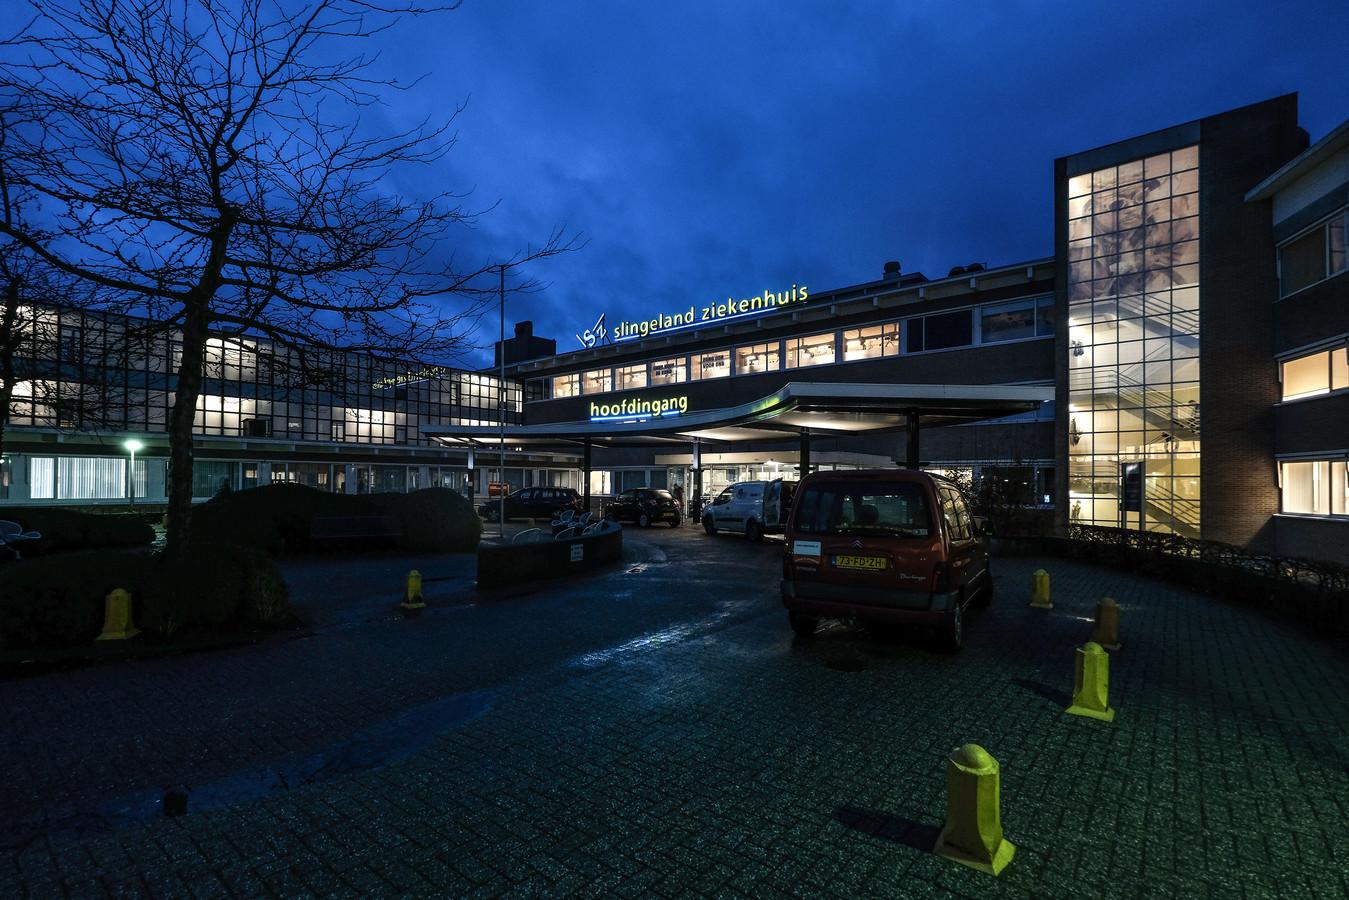 De hoofdingang van het Slingeland Ziekenhuis in Doetinchem.